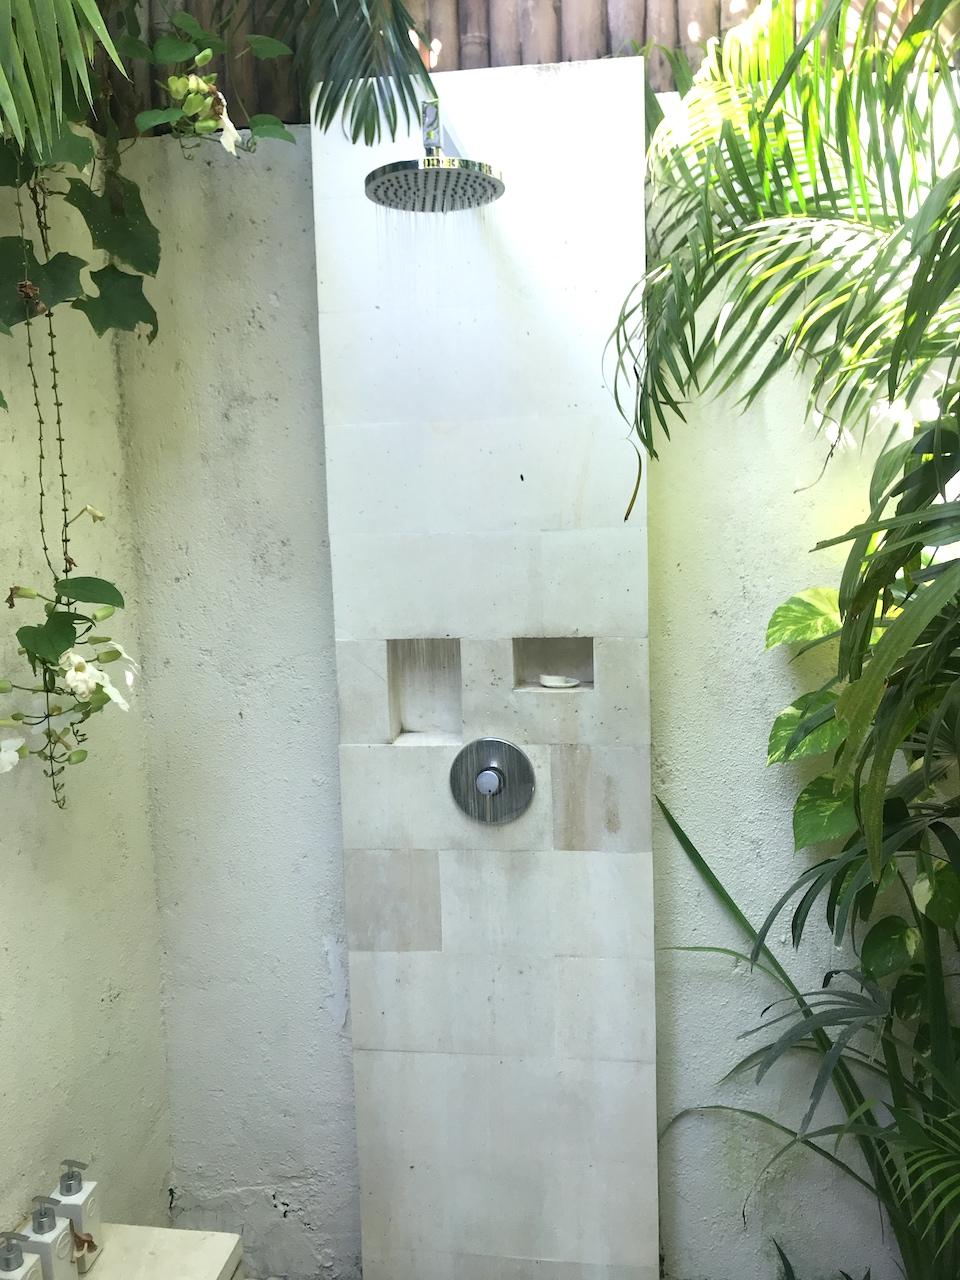 ヴィラ バリ アスリ バツベリグ 口コミ シャワー